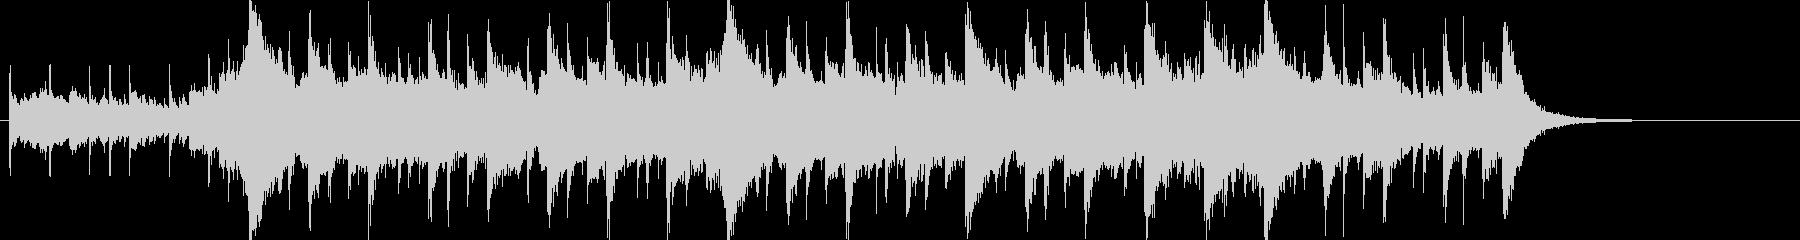 幻想的で壮大なオーケストラOPハーフcの未再生の波形